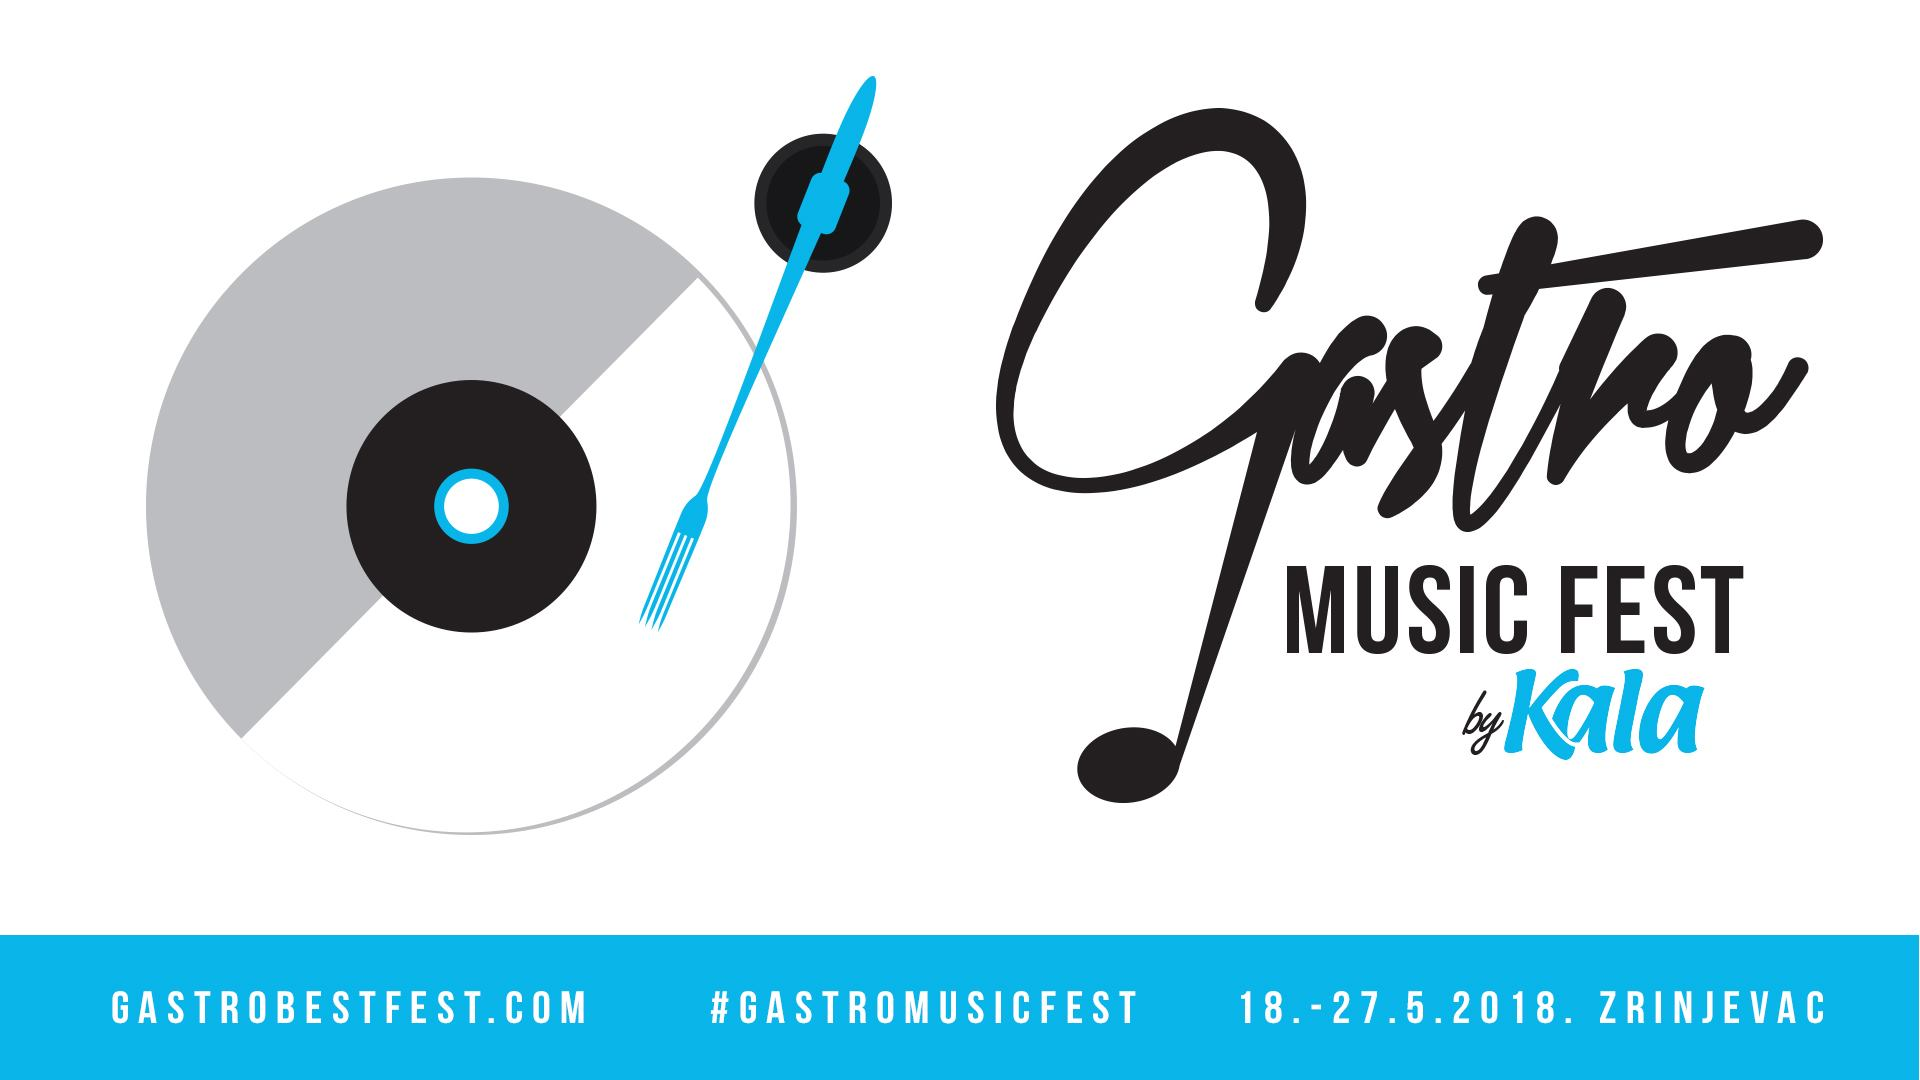 Zadnji dan Gastro Music Festa u zagrebačkom parku Zrinjevac